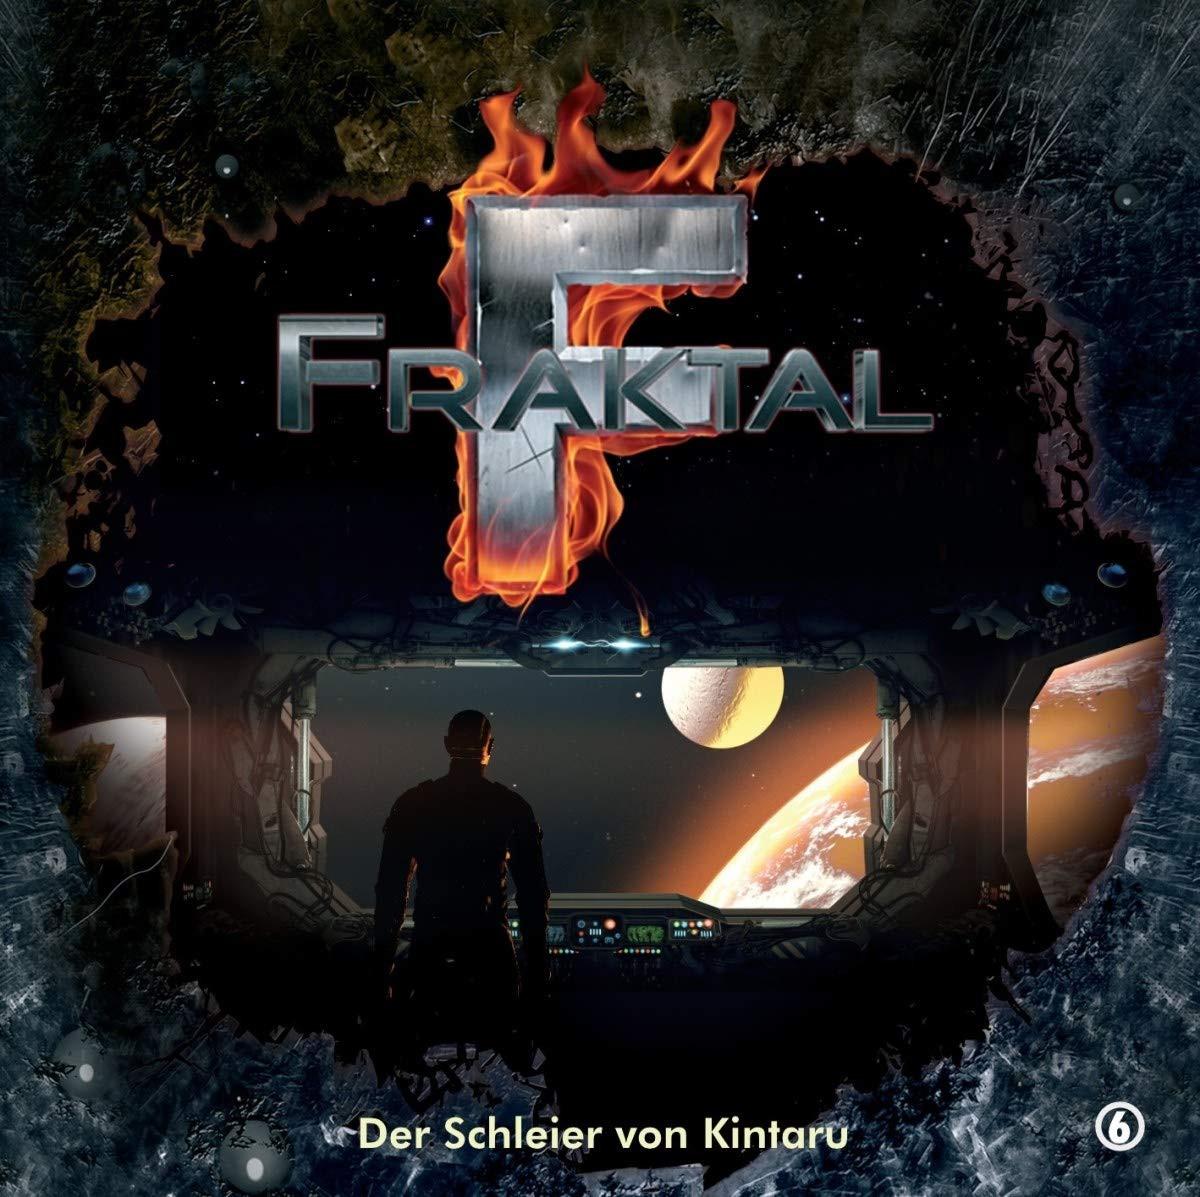 Fraktal - Folge 6: Der Schleier von Kintaru